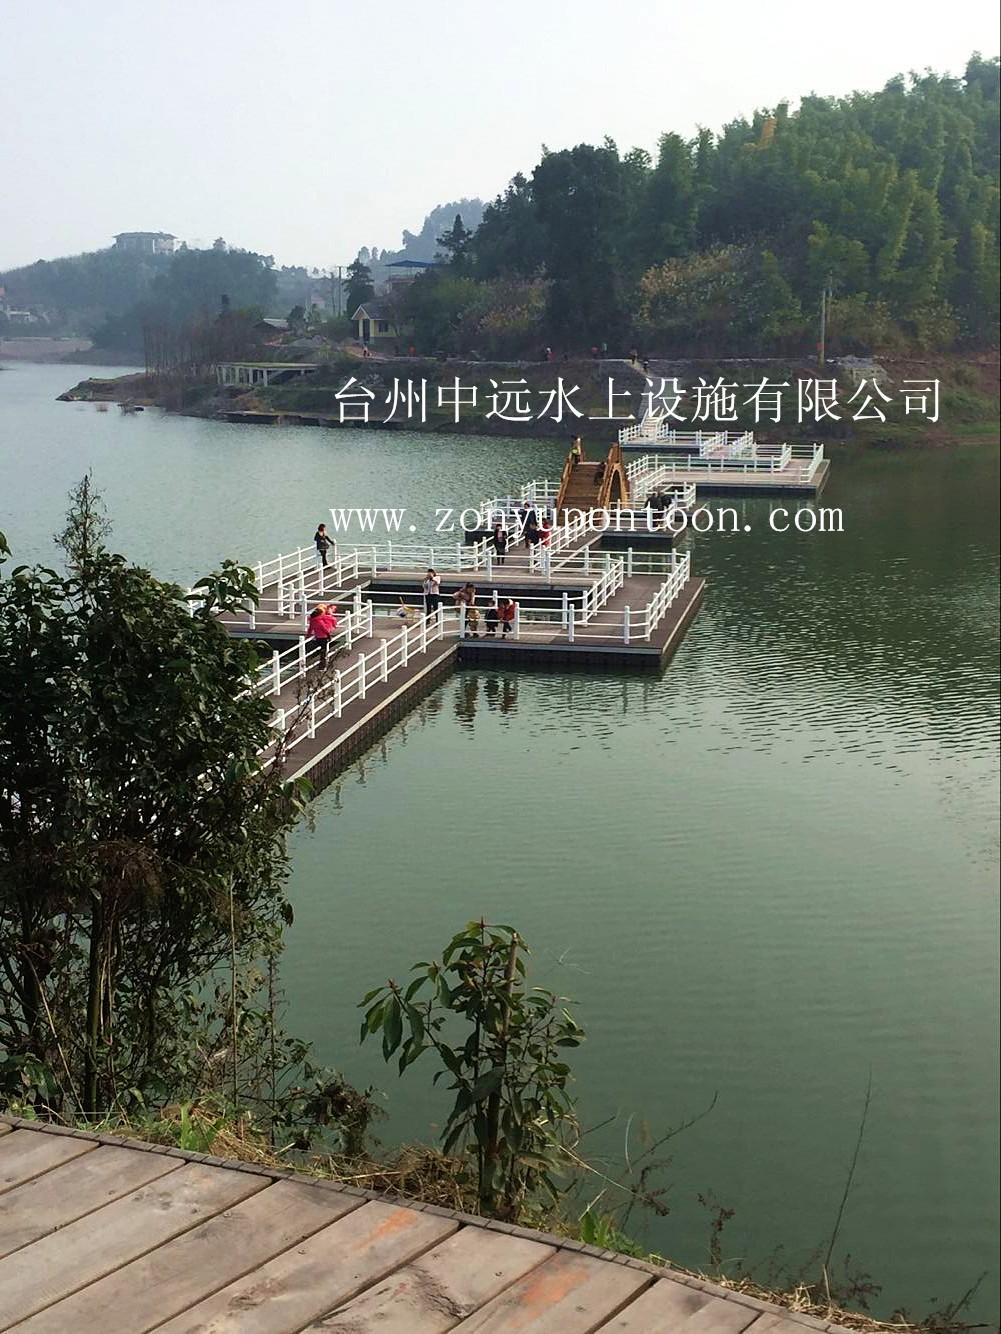 Two chongqing scenic spot po...